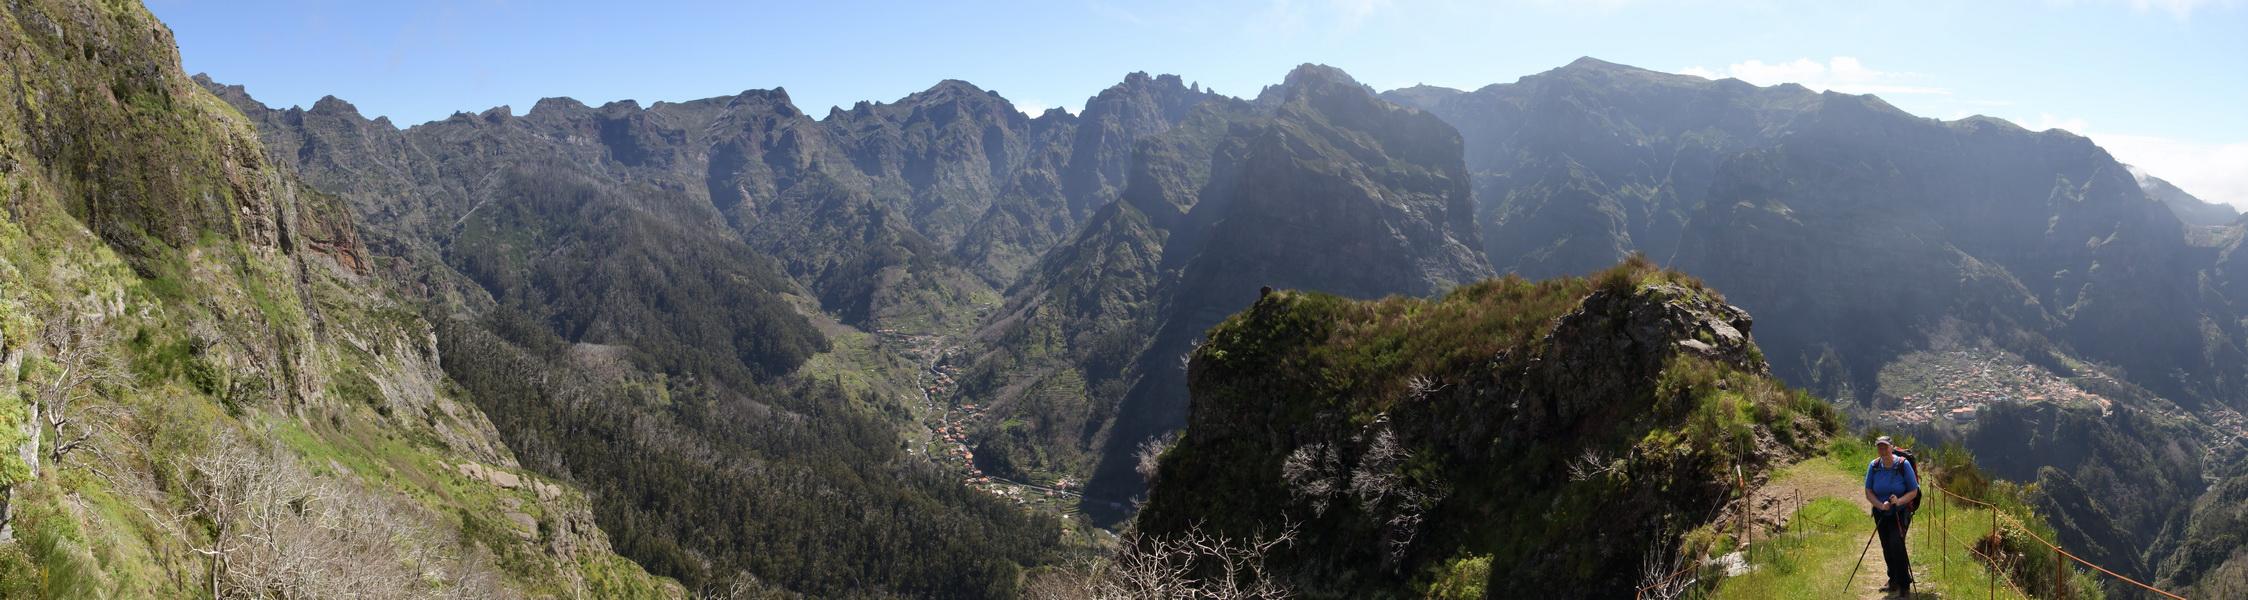 Aufstieg zum Pico Grande